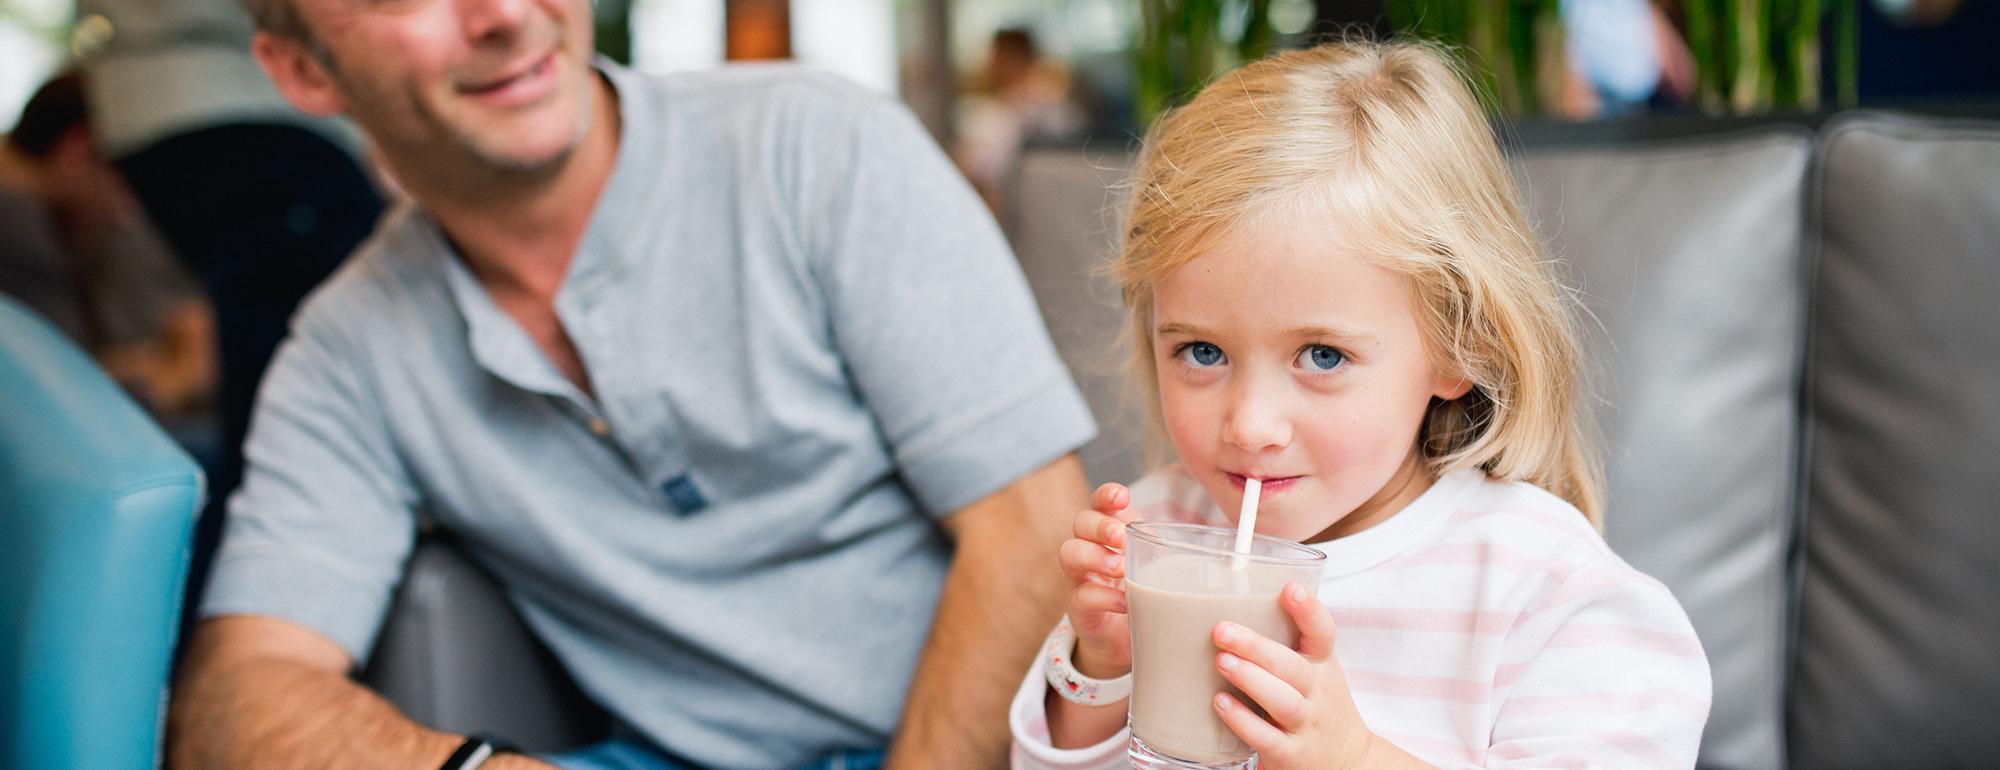 Milkshake Lilly